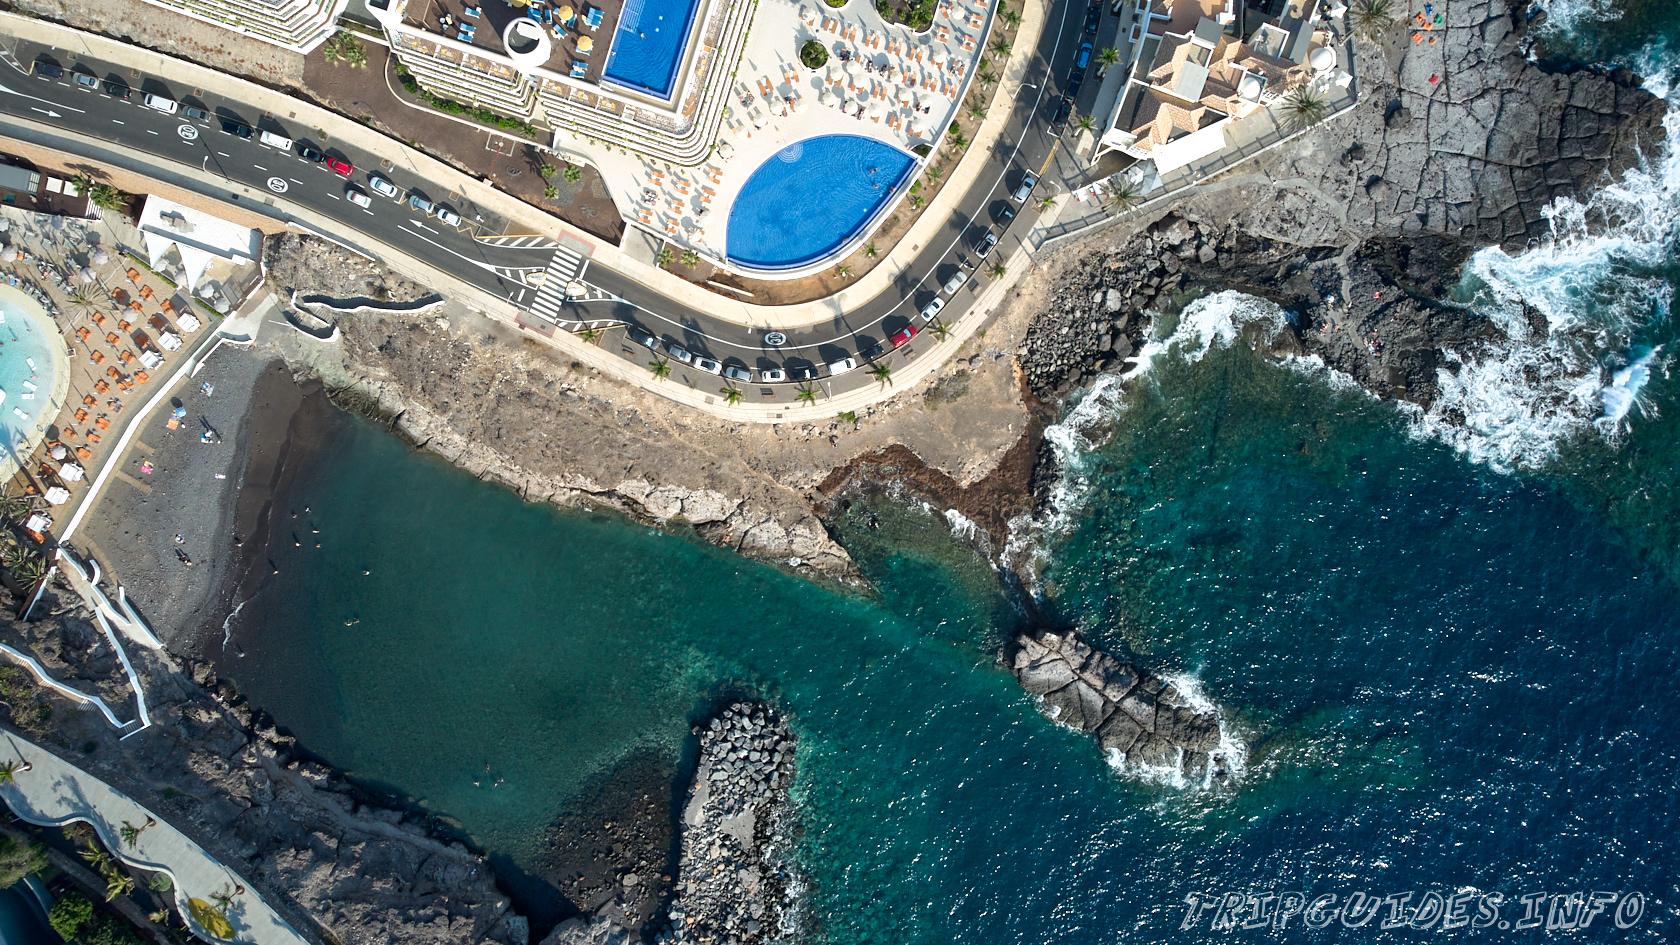 Пляж Эль-Пинке (Playa El Pinque) в Плайя Параисо - курорт на Тенерифе